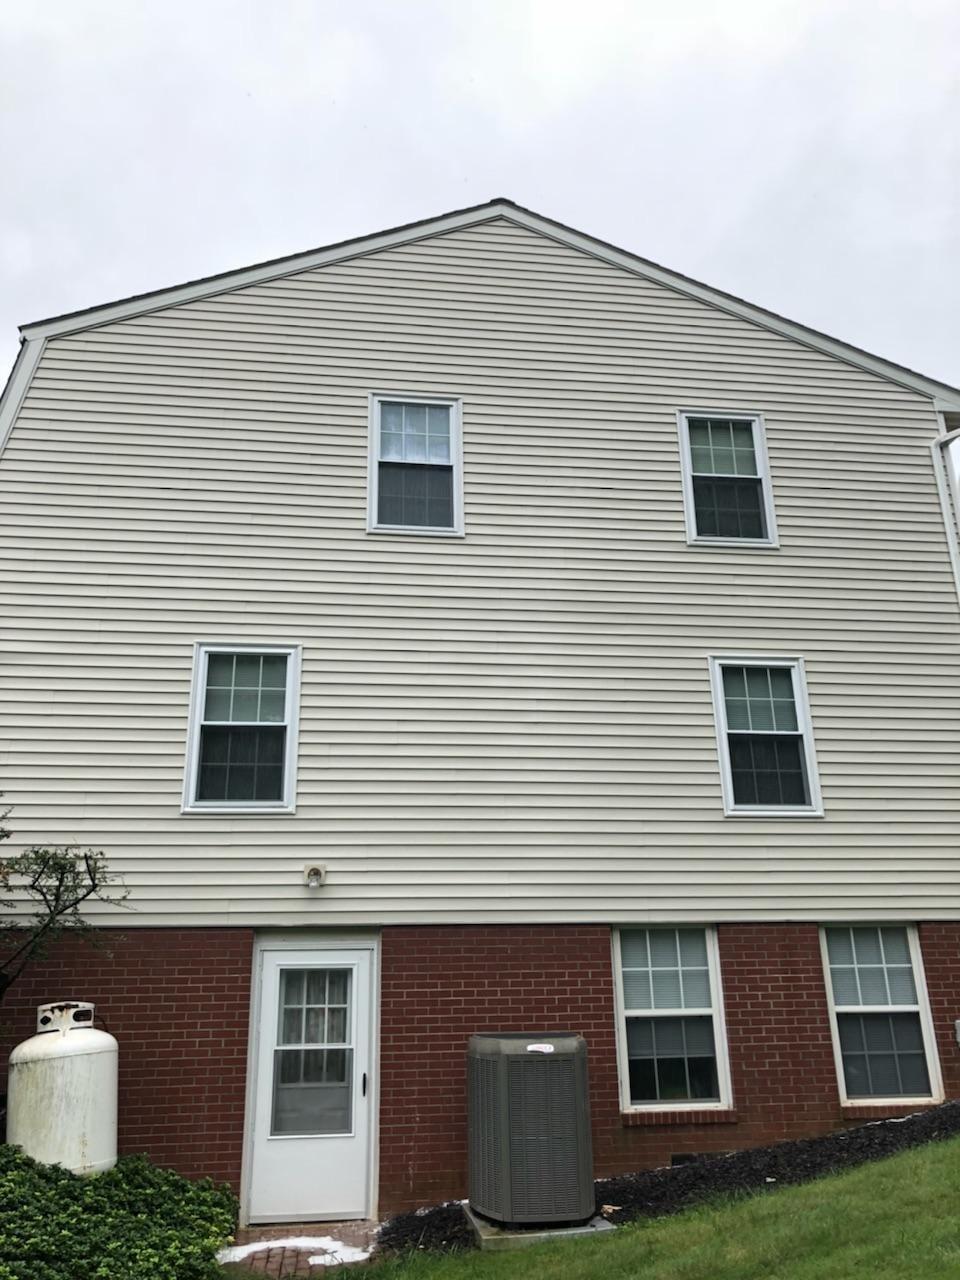 House Washing Amp Siding Pressure Washing Maryland Pro Wash